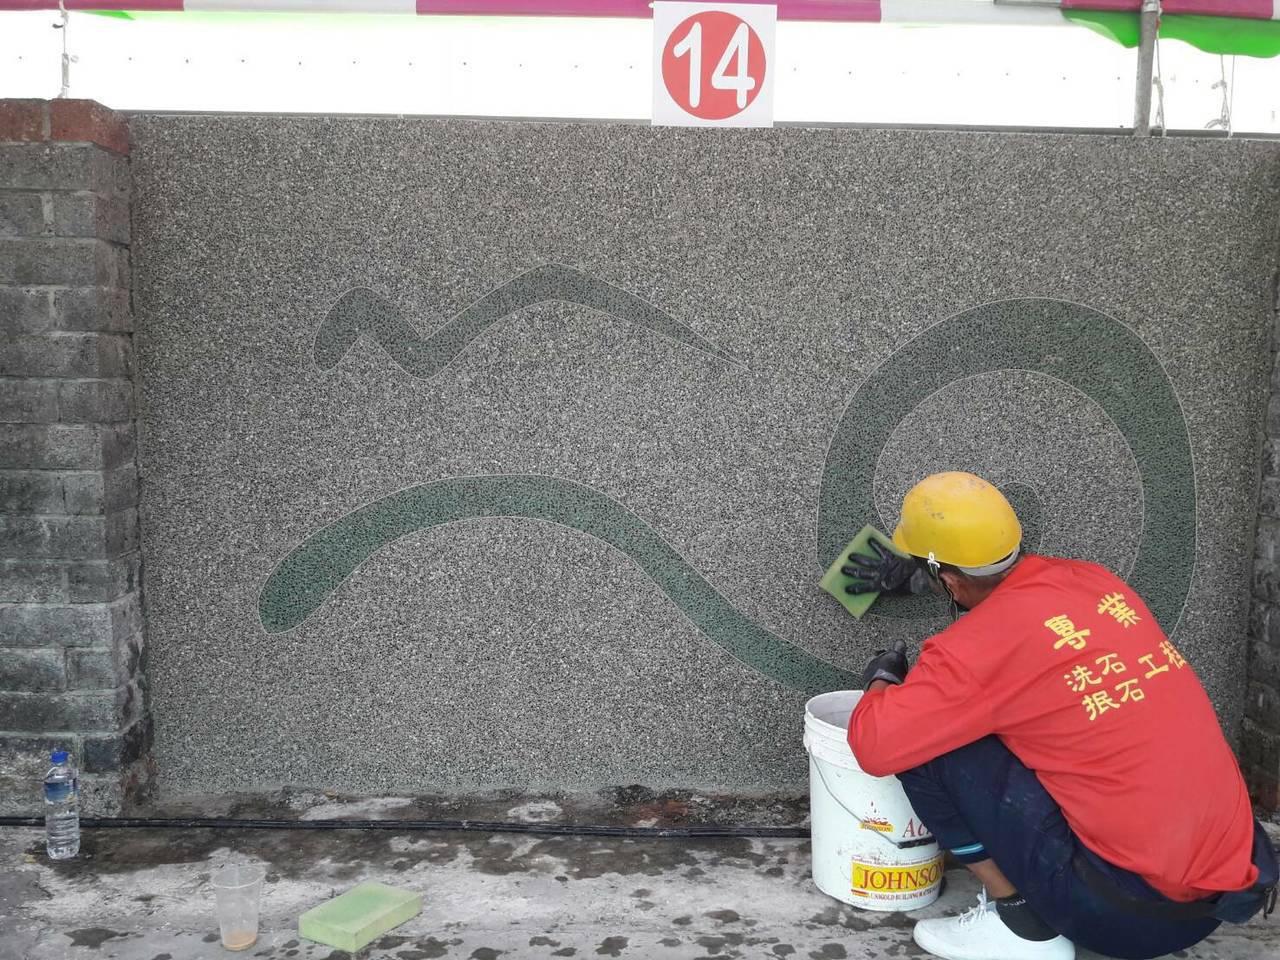 有水泥師傅以宜蘭縣縣徽龜山島和海浪作為設計創作構想。圖/宜蘭縣勞工處提供